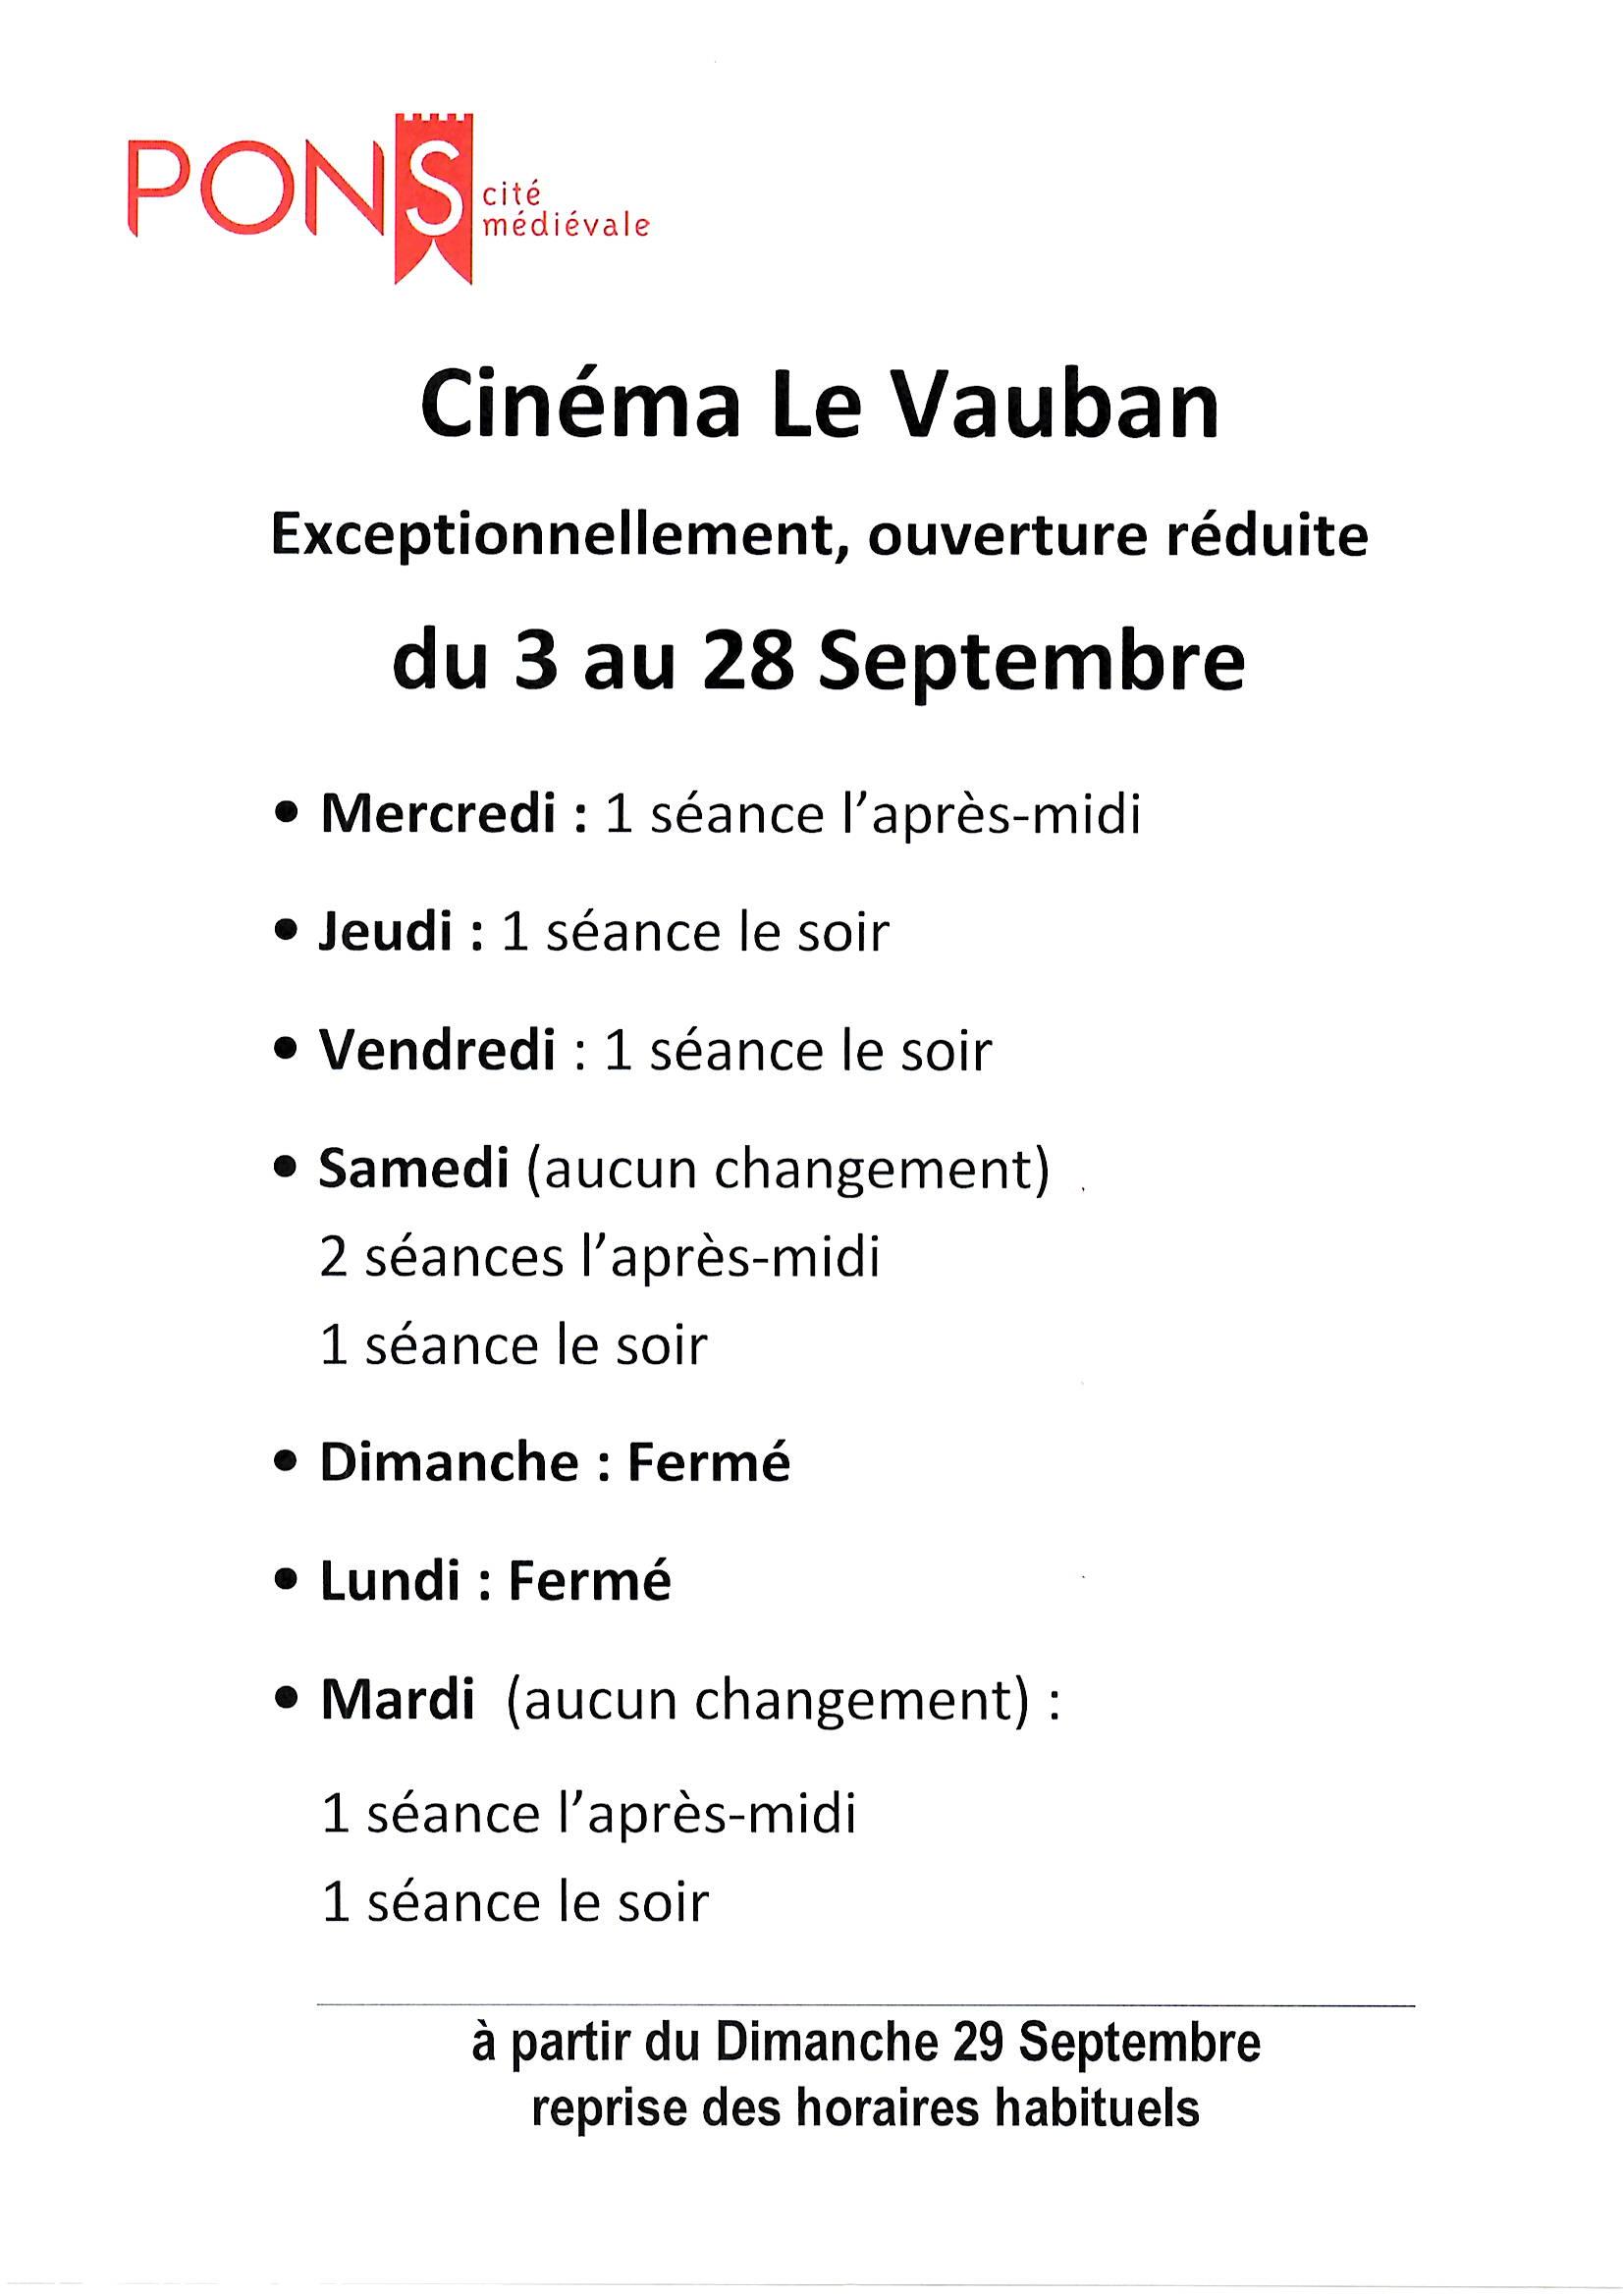 Ville de Pons - Cinéma Le Vauban